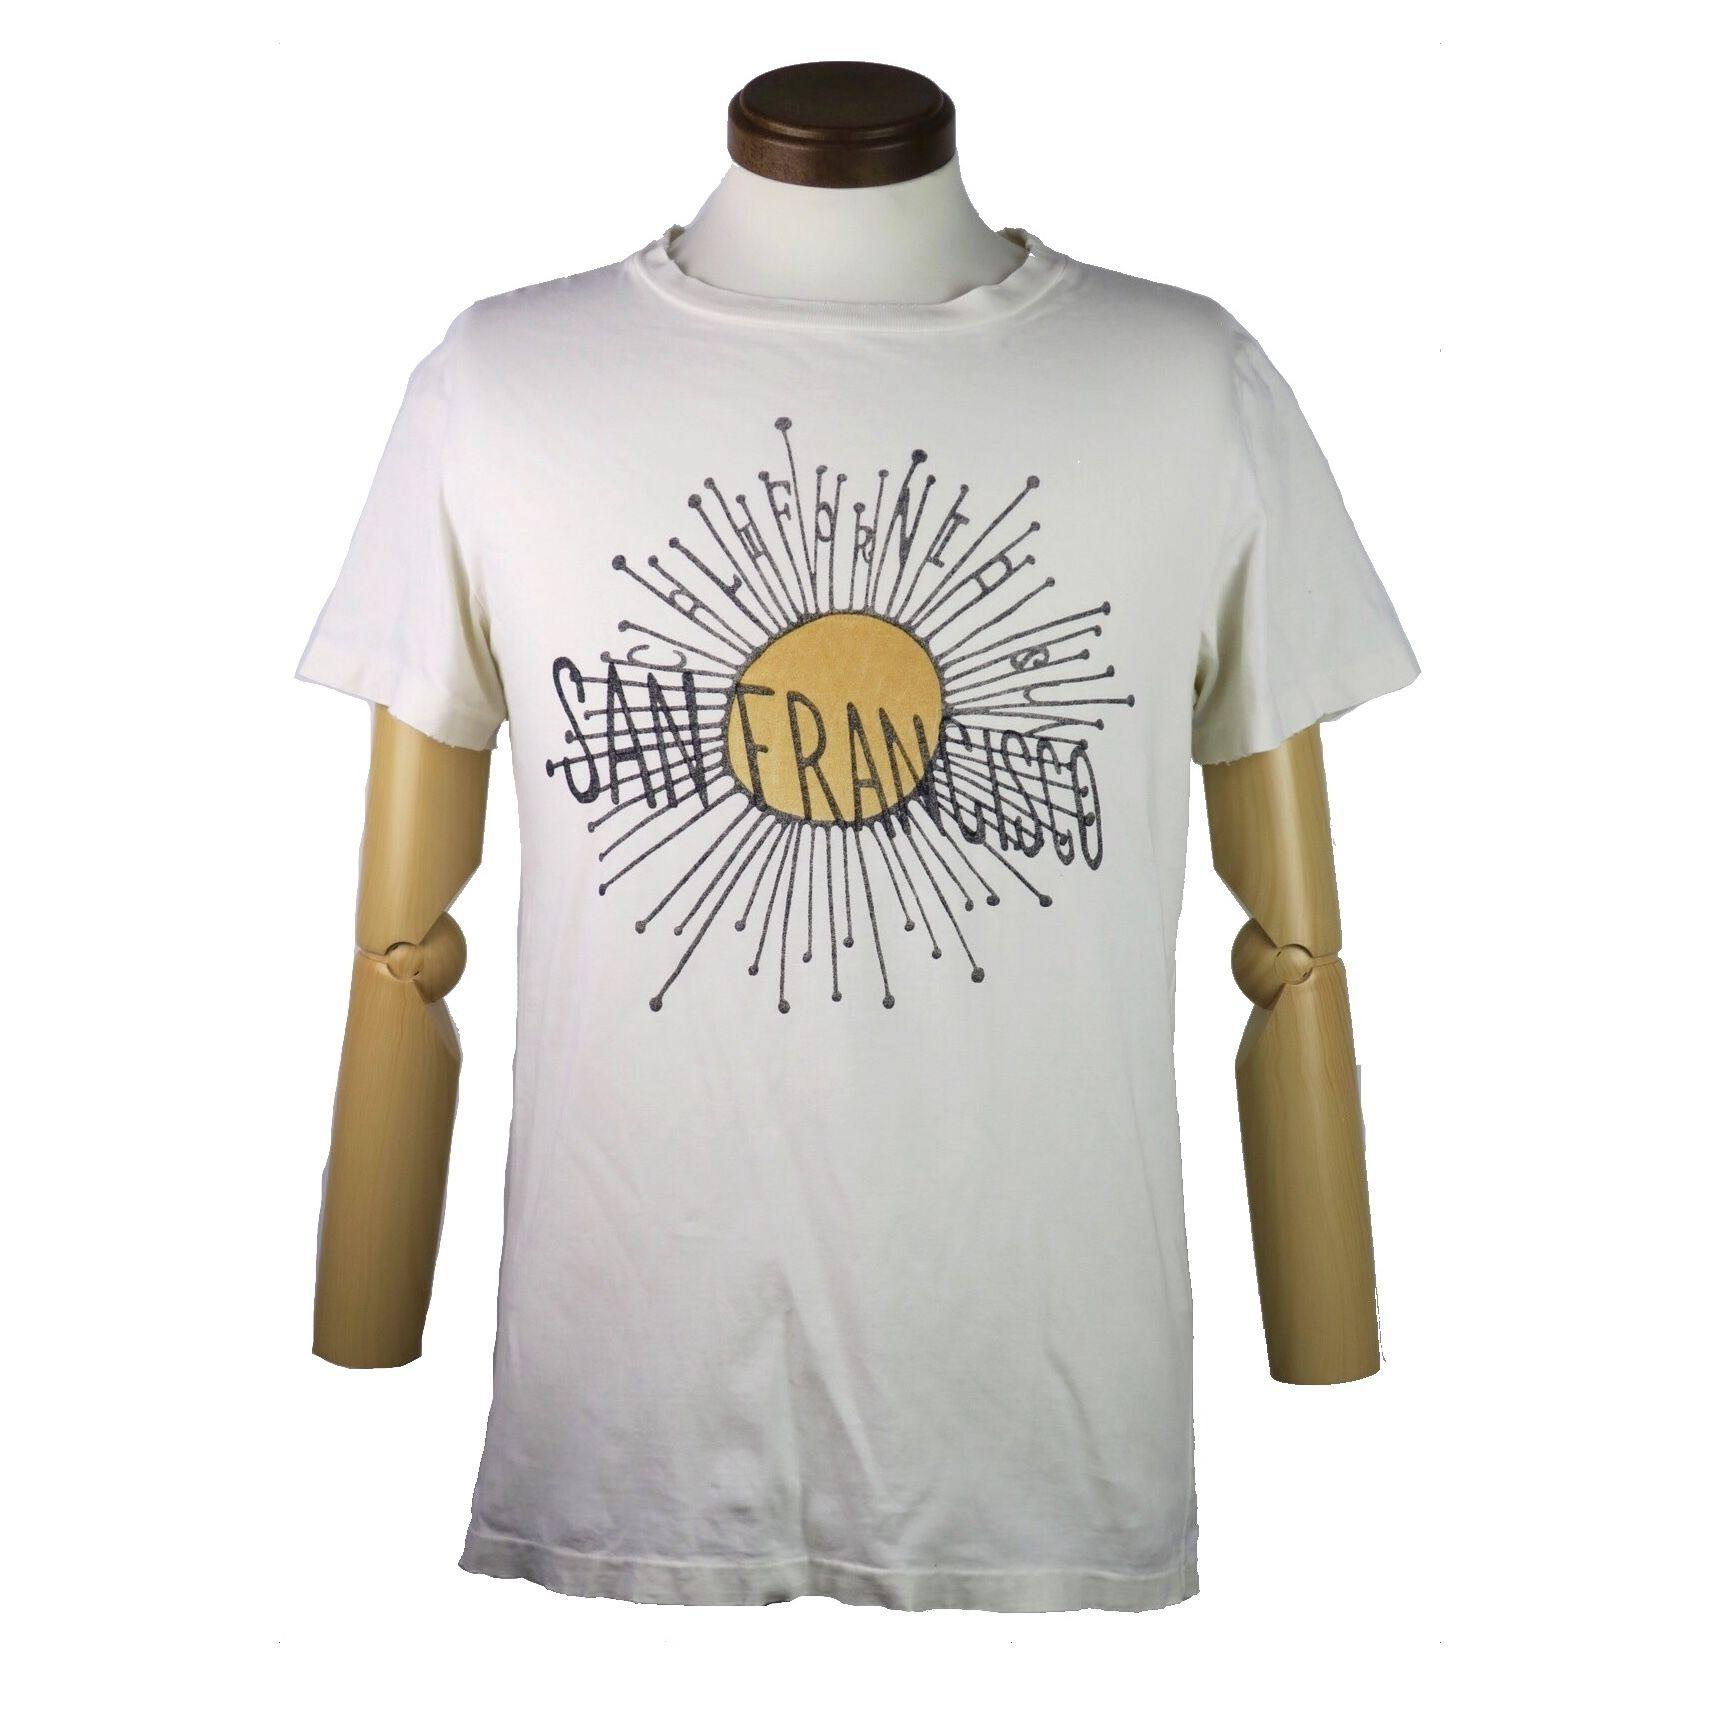 REMI RELIEF(レミレリーフ) used加工サンフランシスコロゴTシャツ